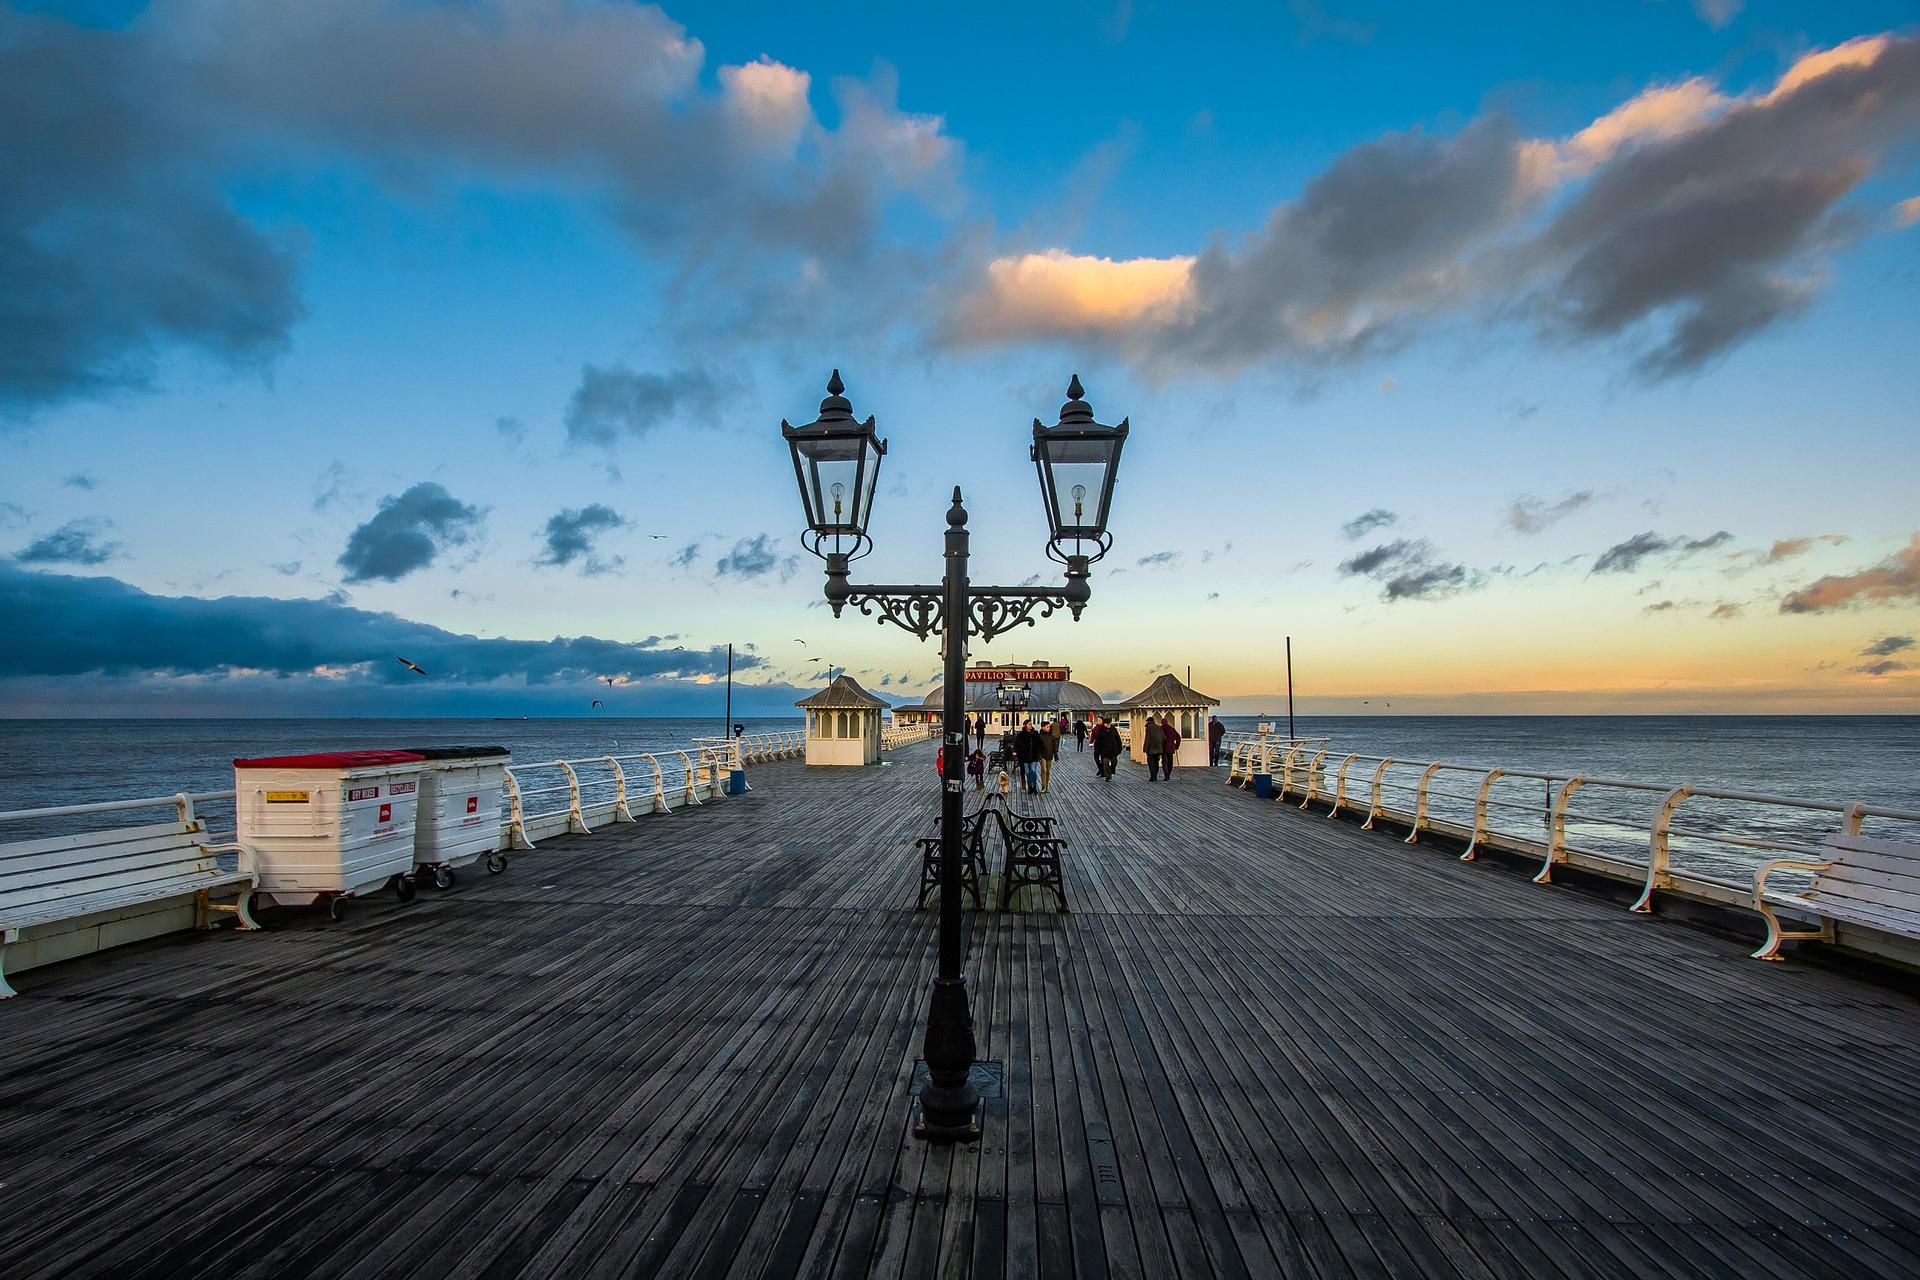 Cromer Pier © Diego Torres | pixabay.com